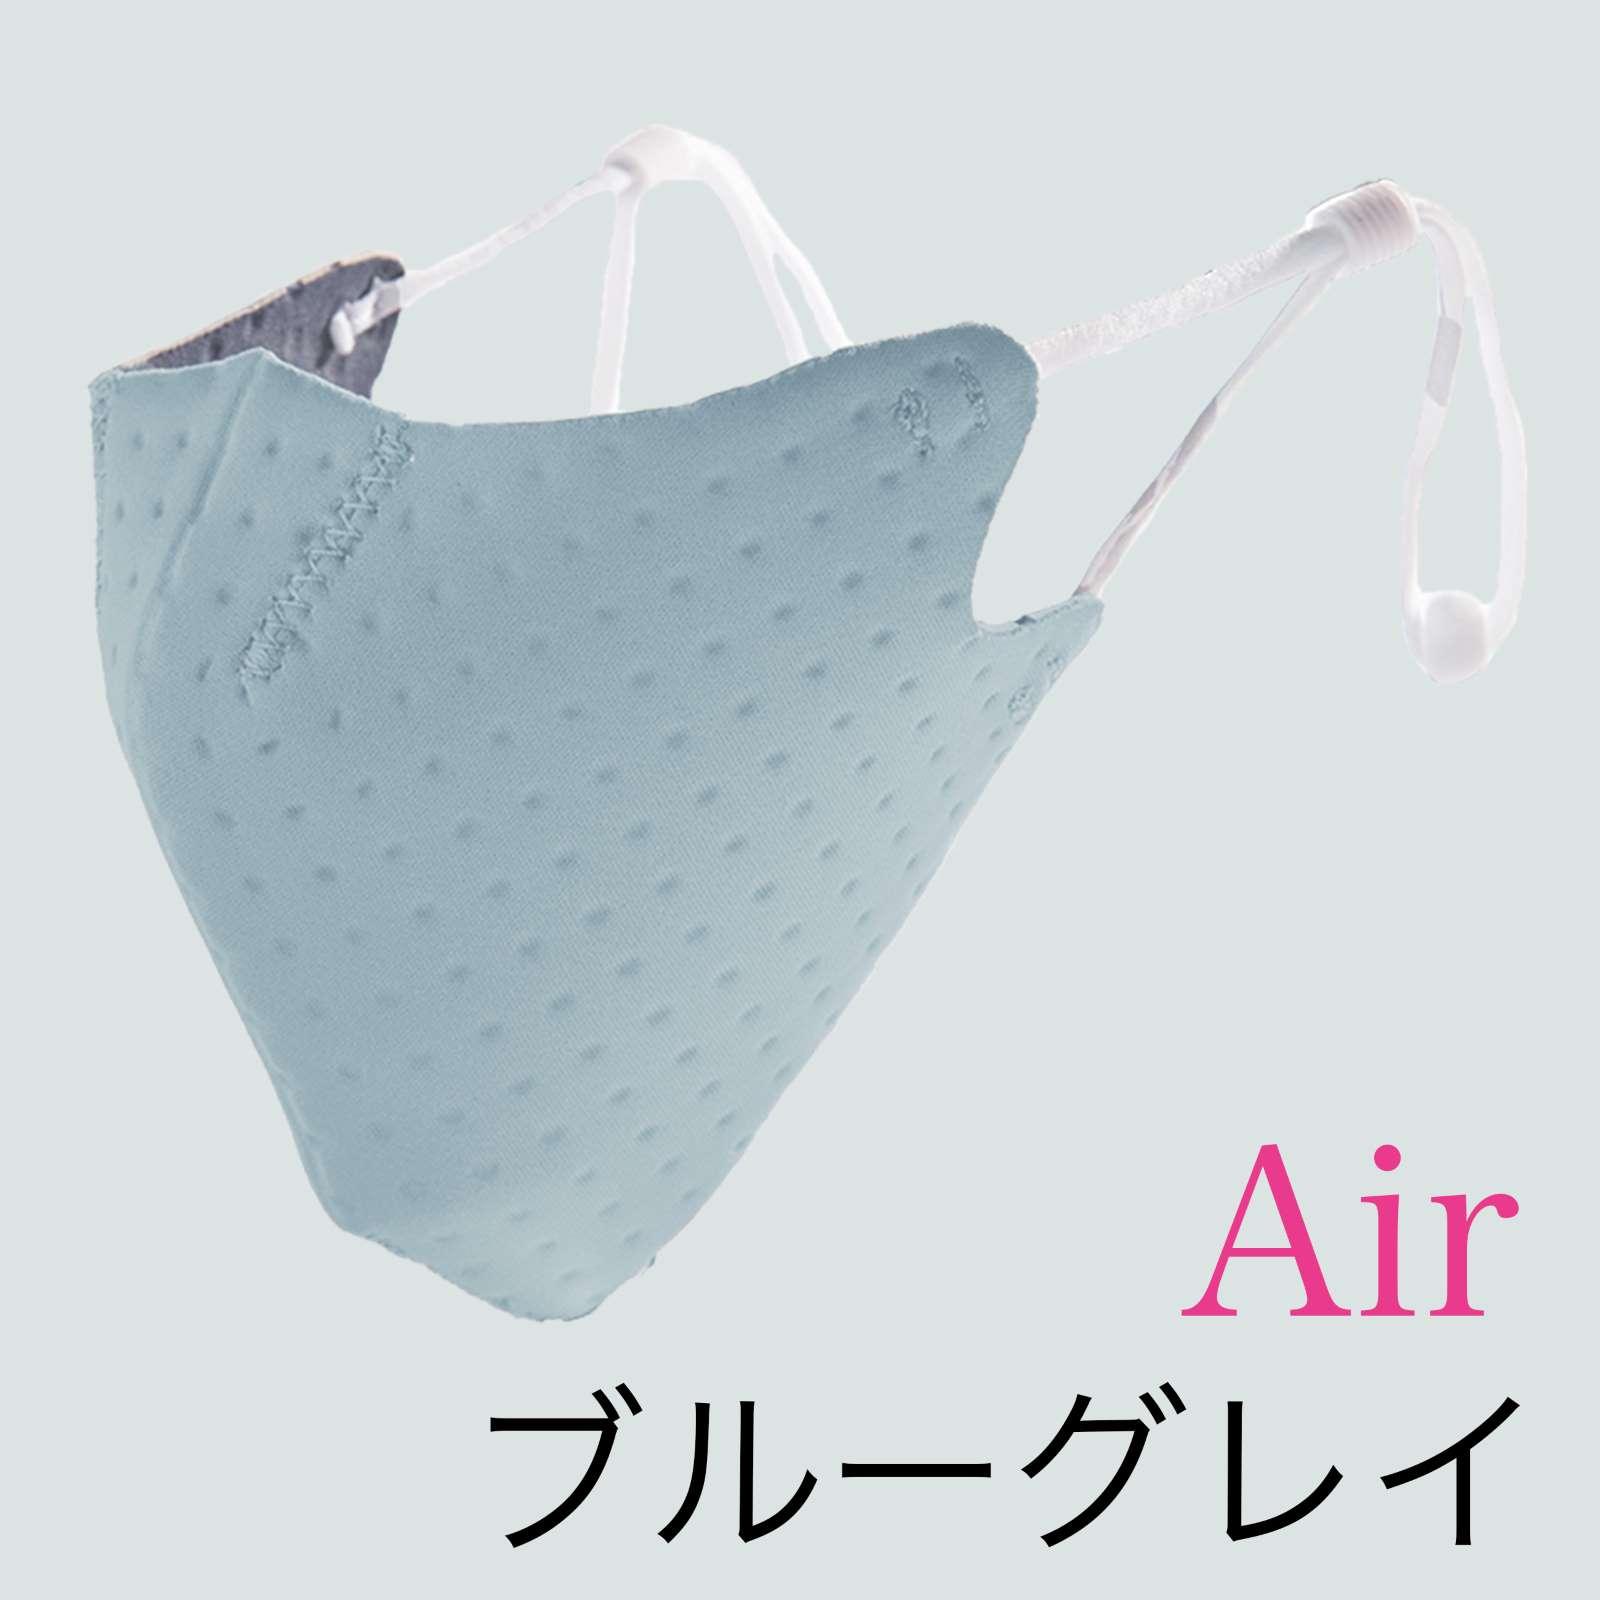 【単色購入】呼吸 Co-que Air ブルーグレー